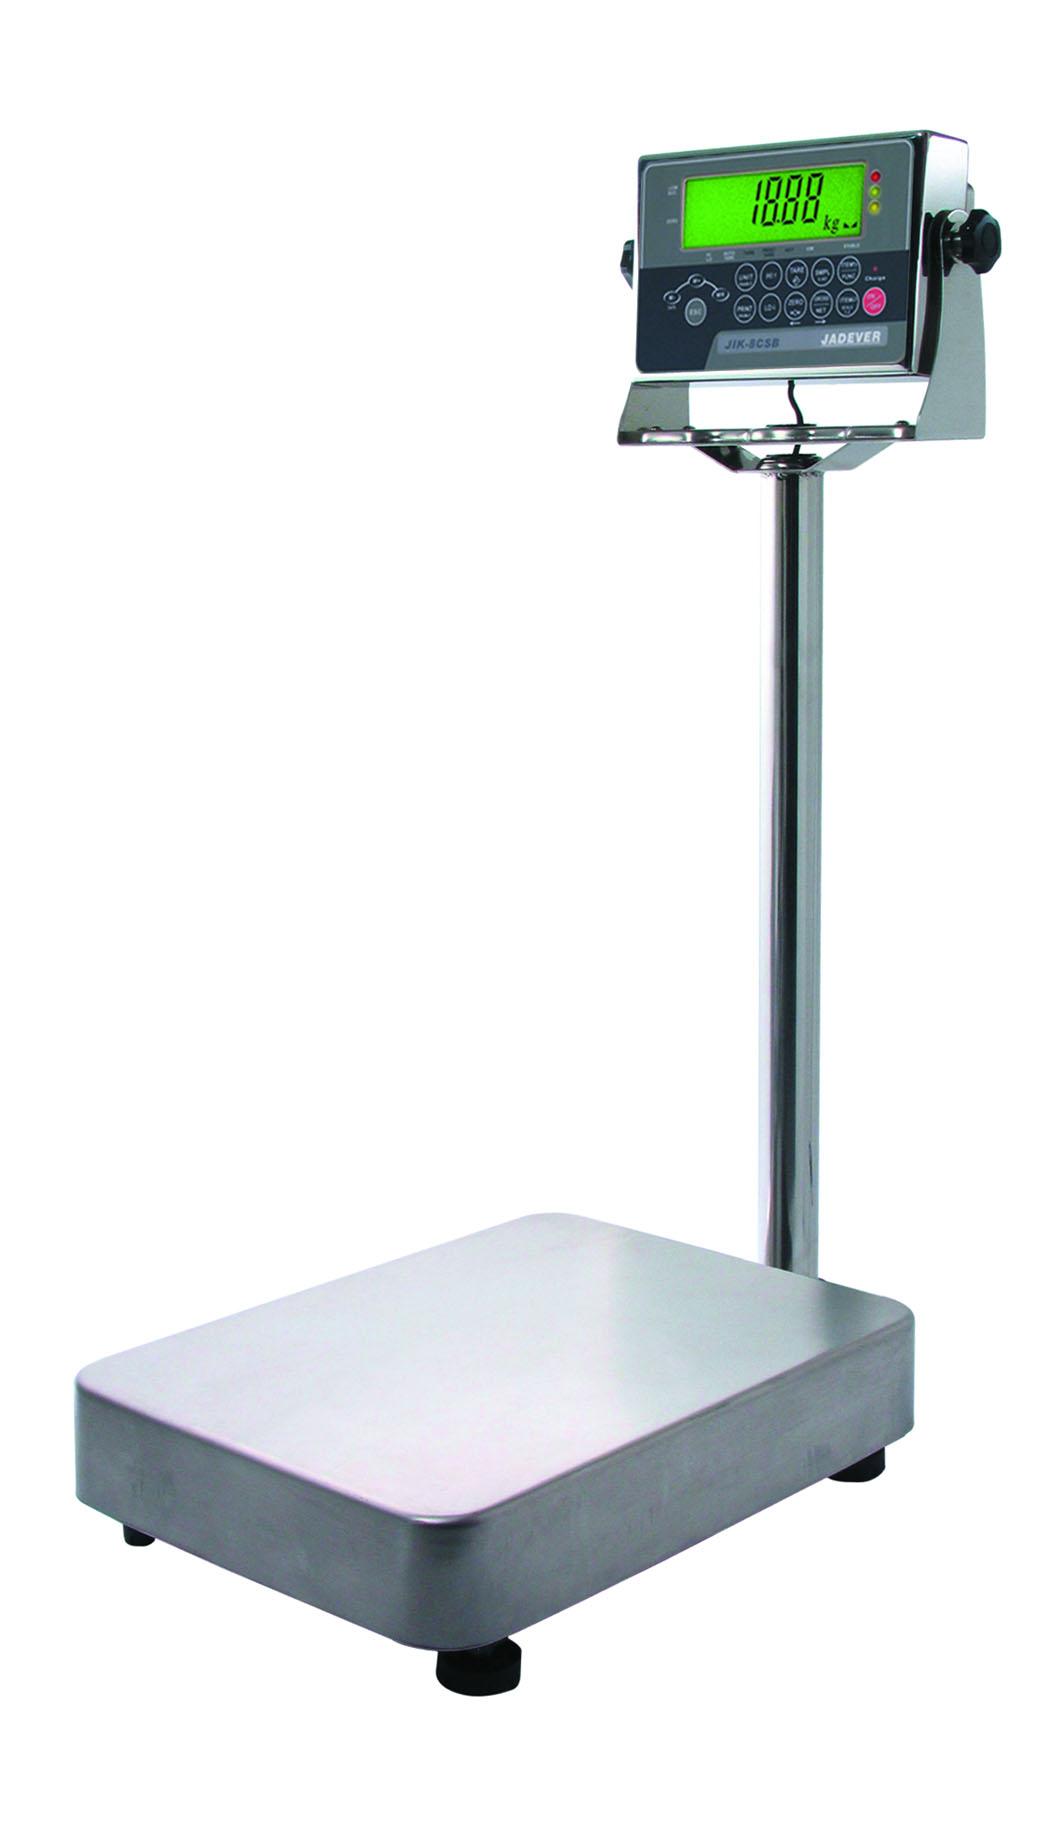 产品名称:计数电子台秤